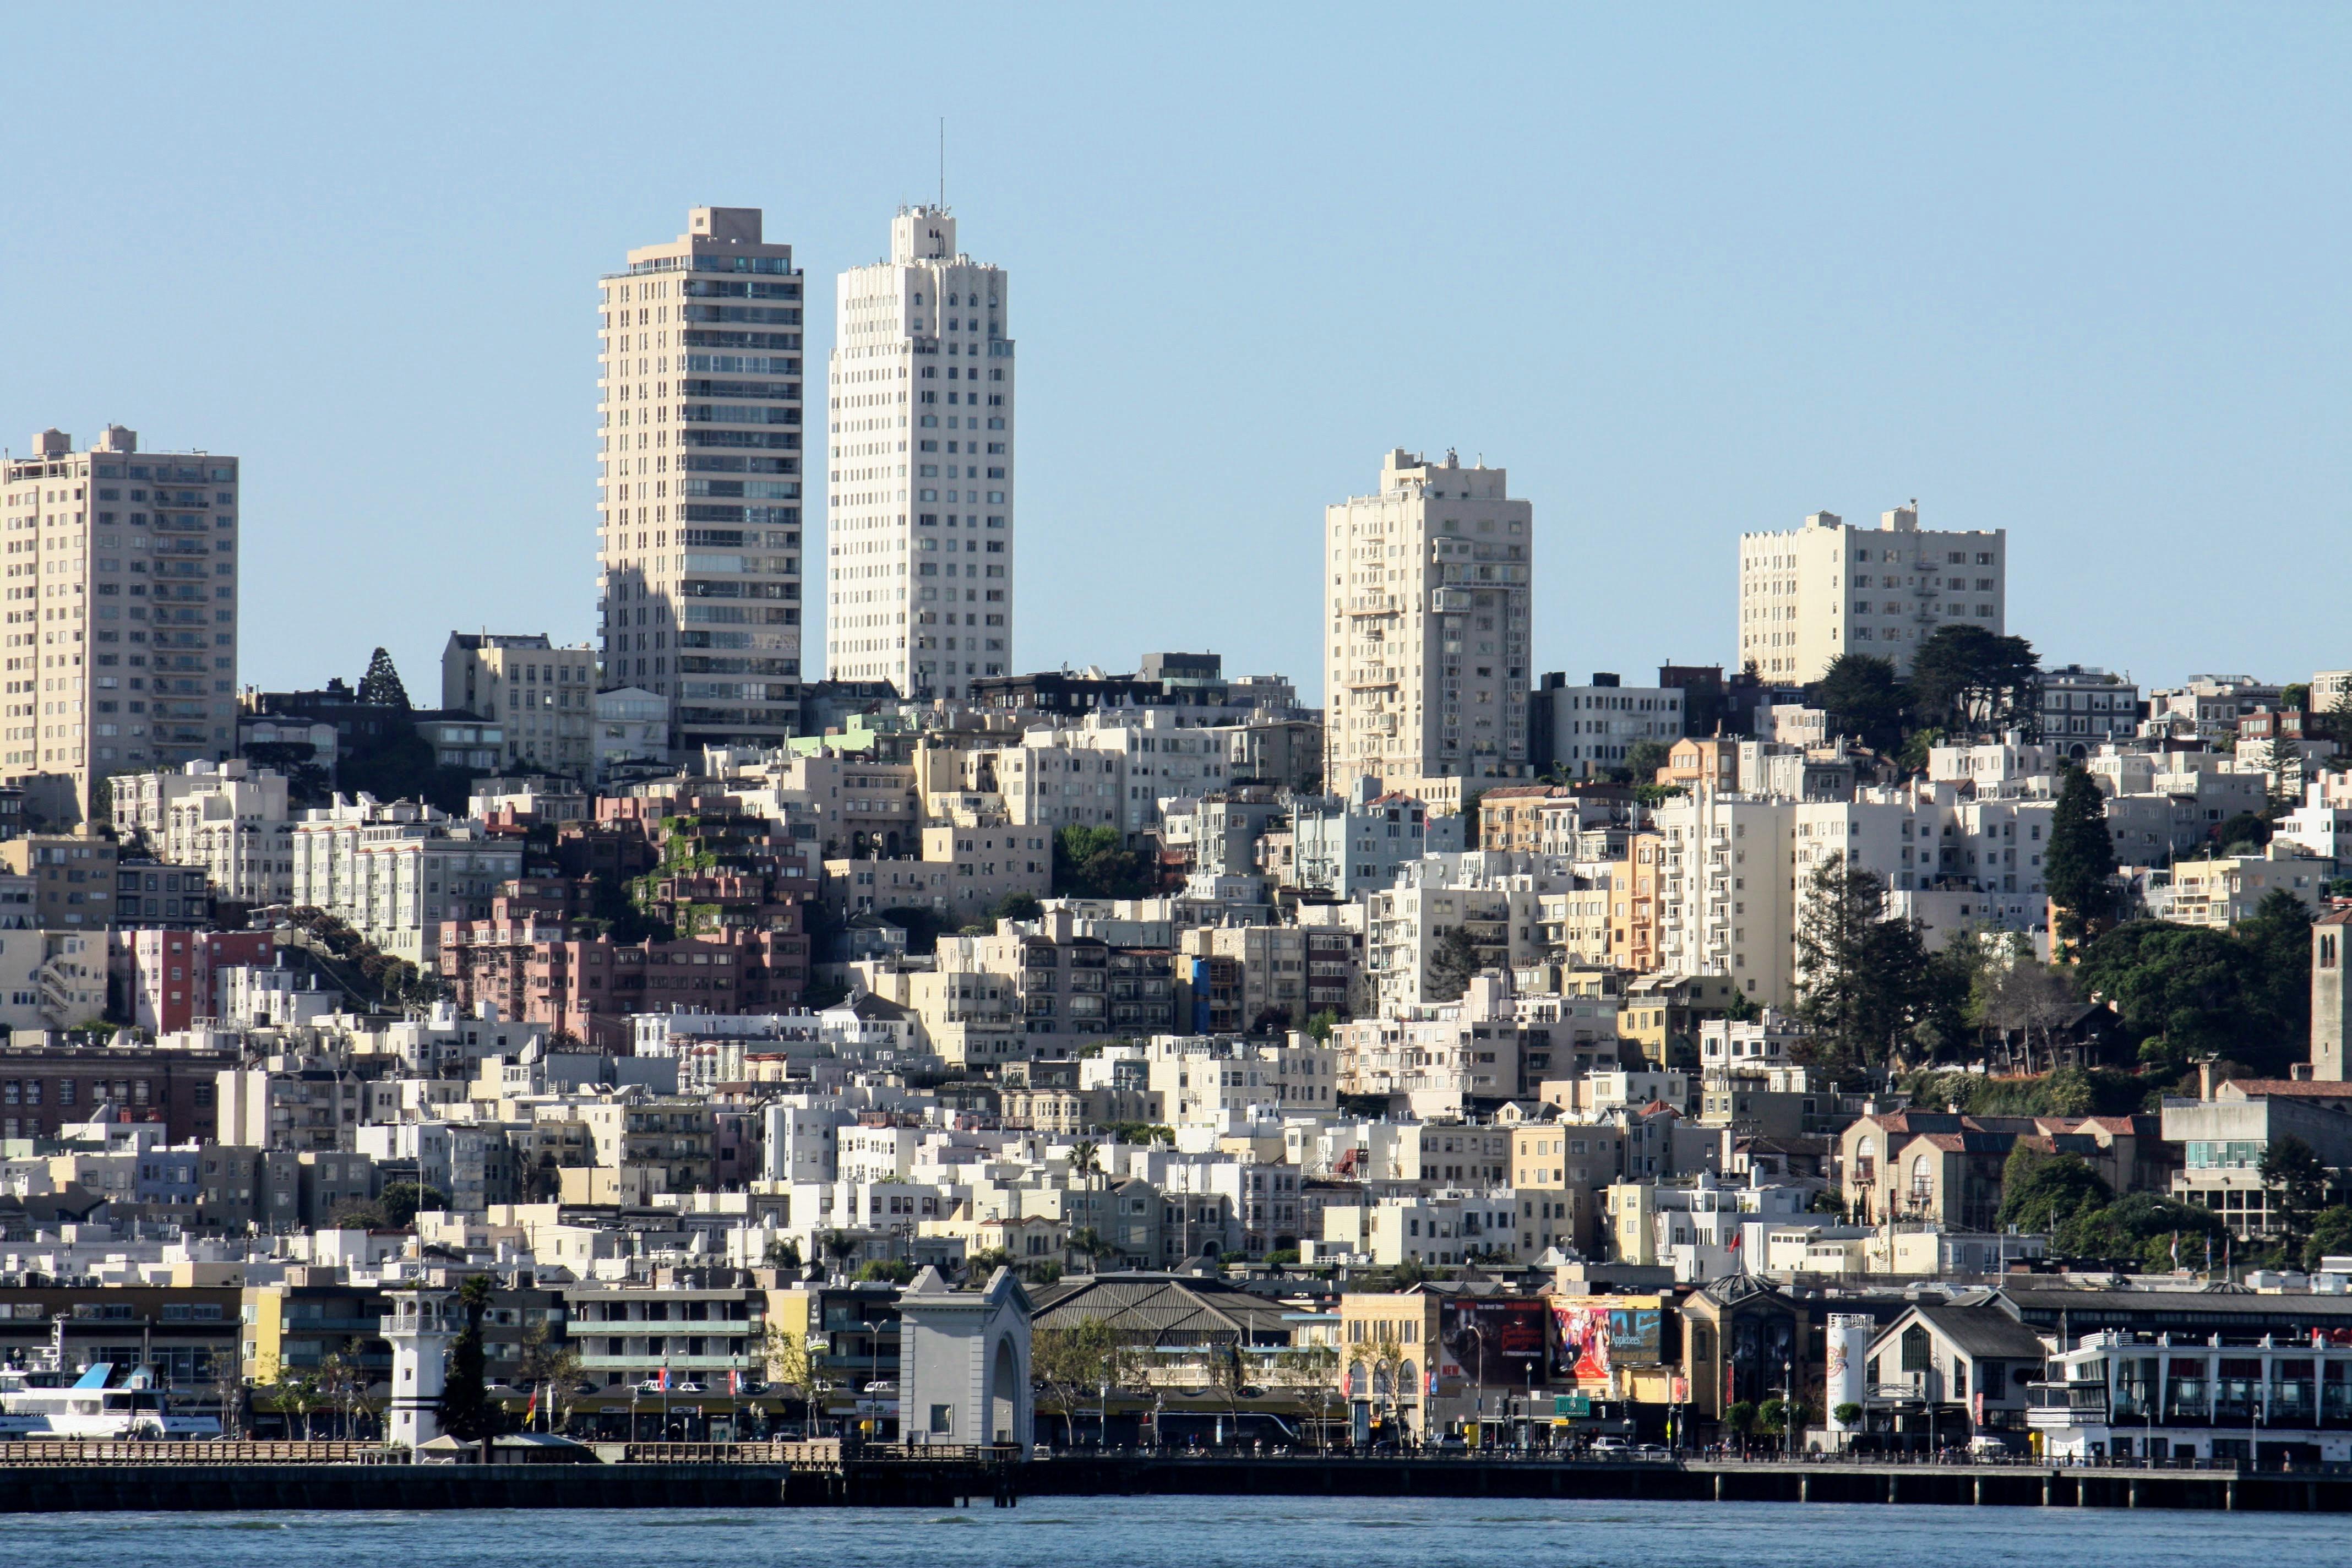 usa adventures states san francisco california aussie travel blogger lifestyle